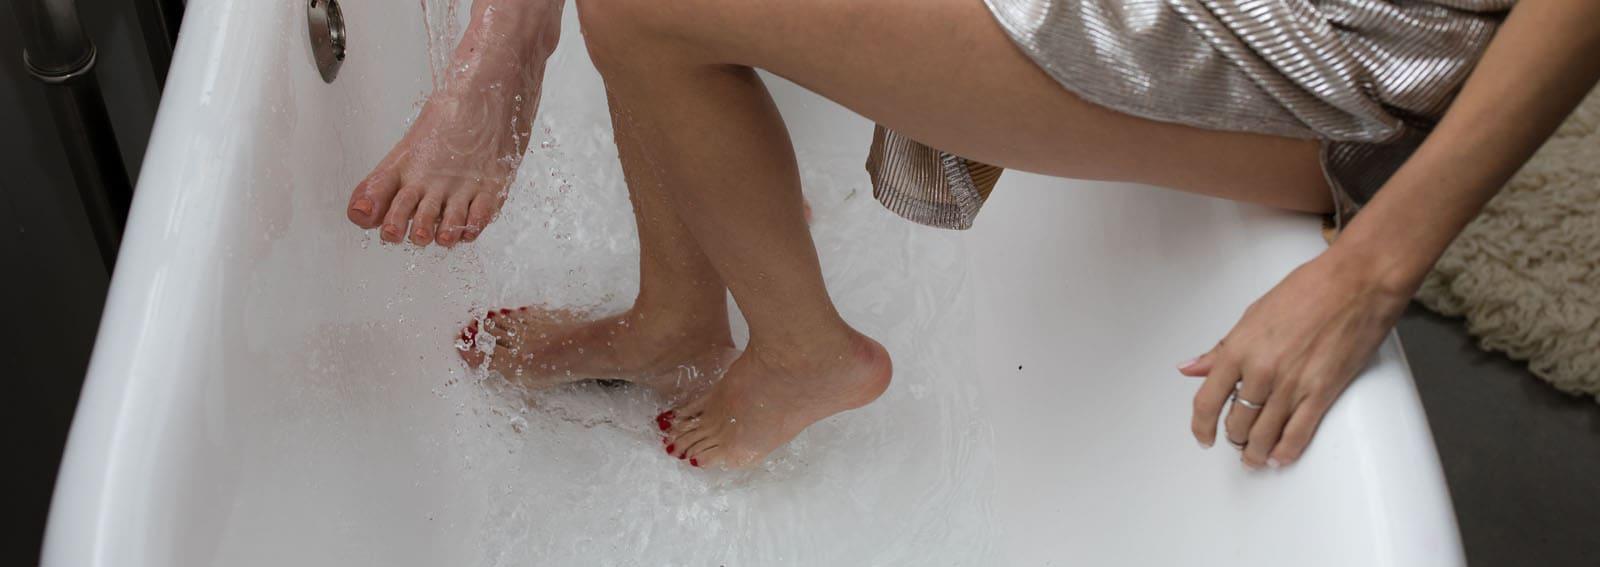 pedicure-come-farla-prodotti-passsaggi-step